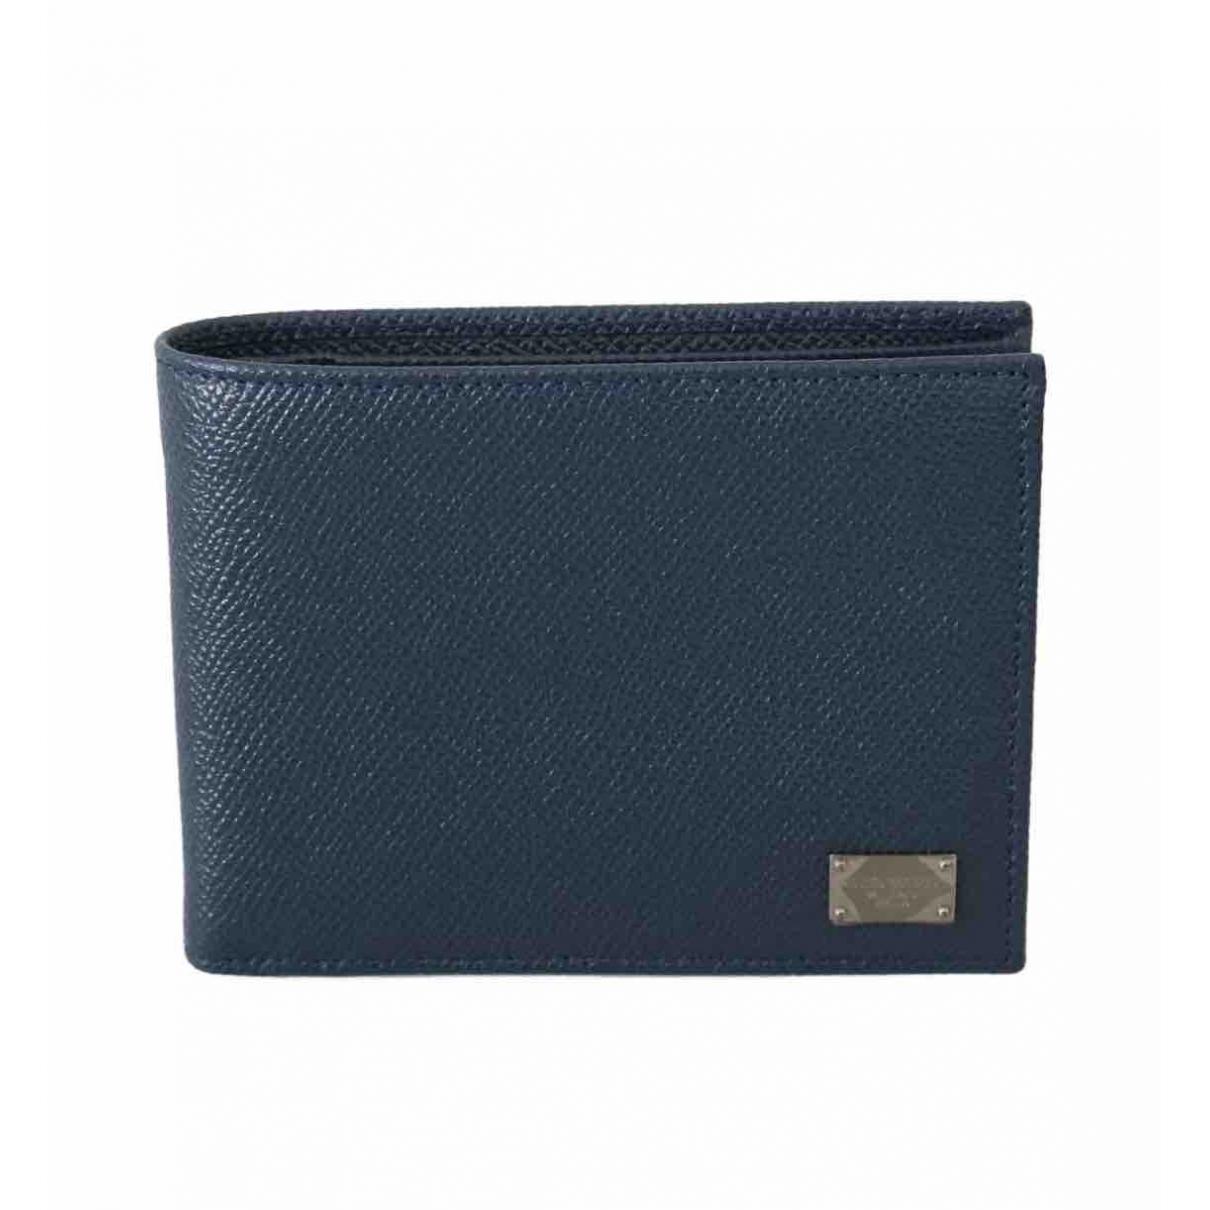 Dolce & Gabbana - Petite maroquinerie   pour homme en cuir - bleu